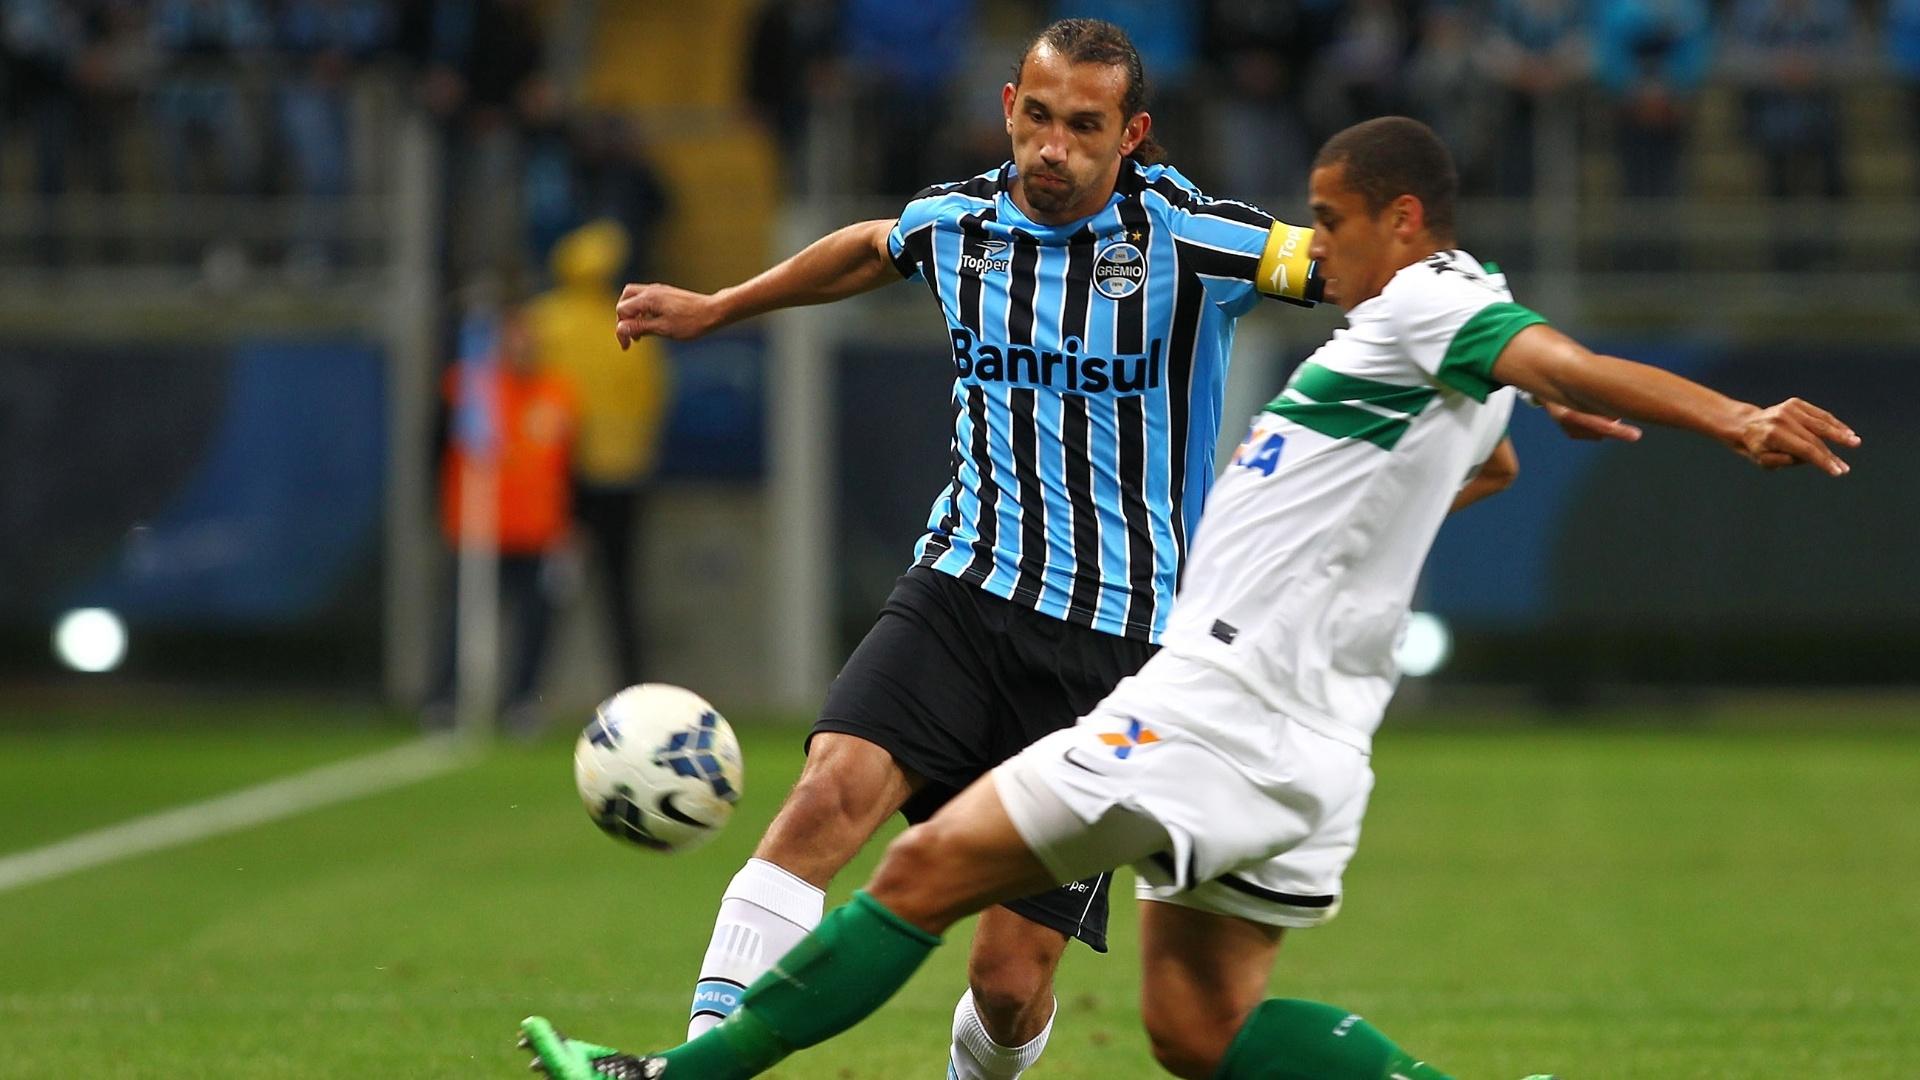 Barcos foi autor do segundo gol gremista na partida diante do Coritiba - 27 julho 2014